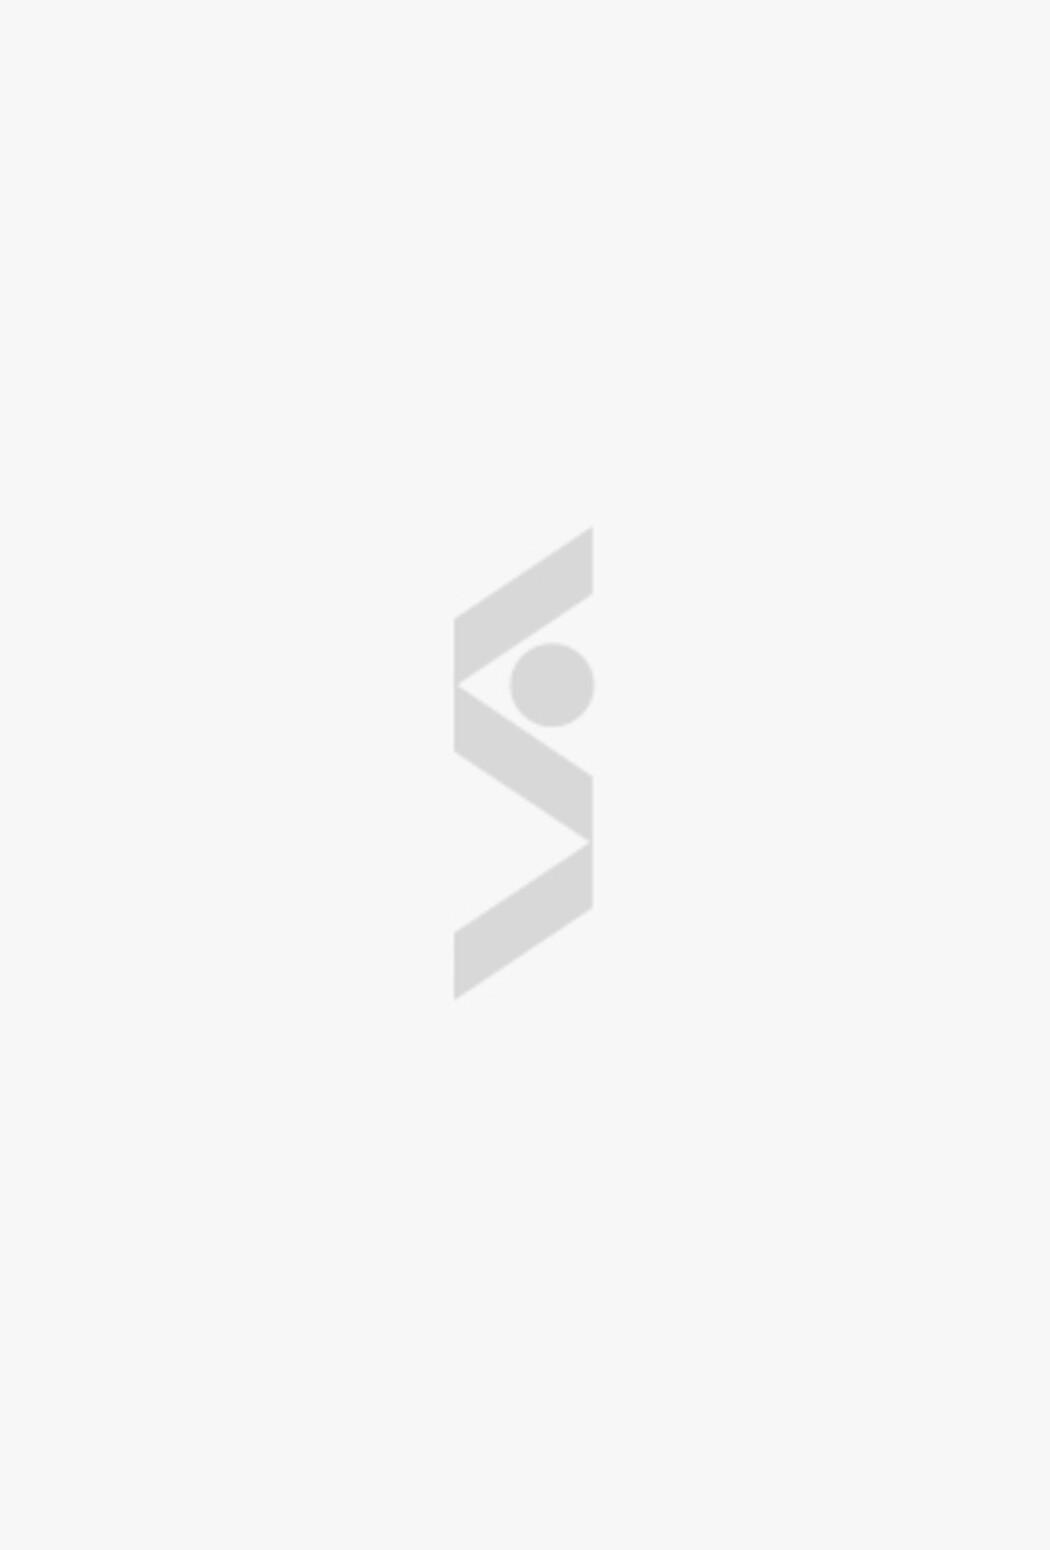 Скатерть в Ростове-на-Дону - каталог и цены, купить в ...